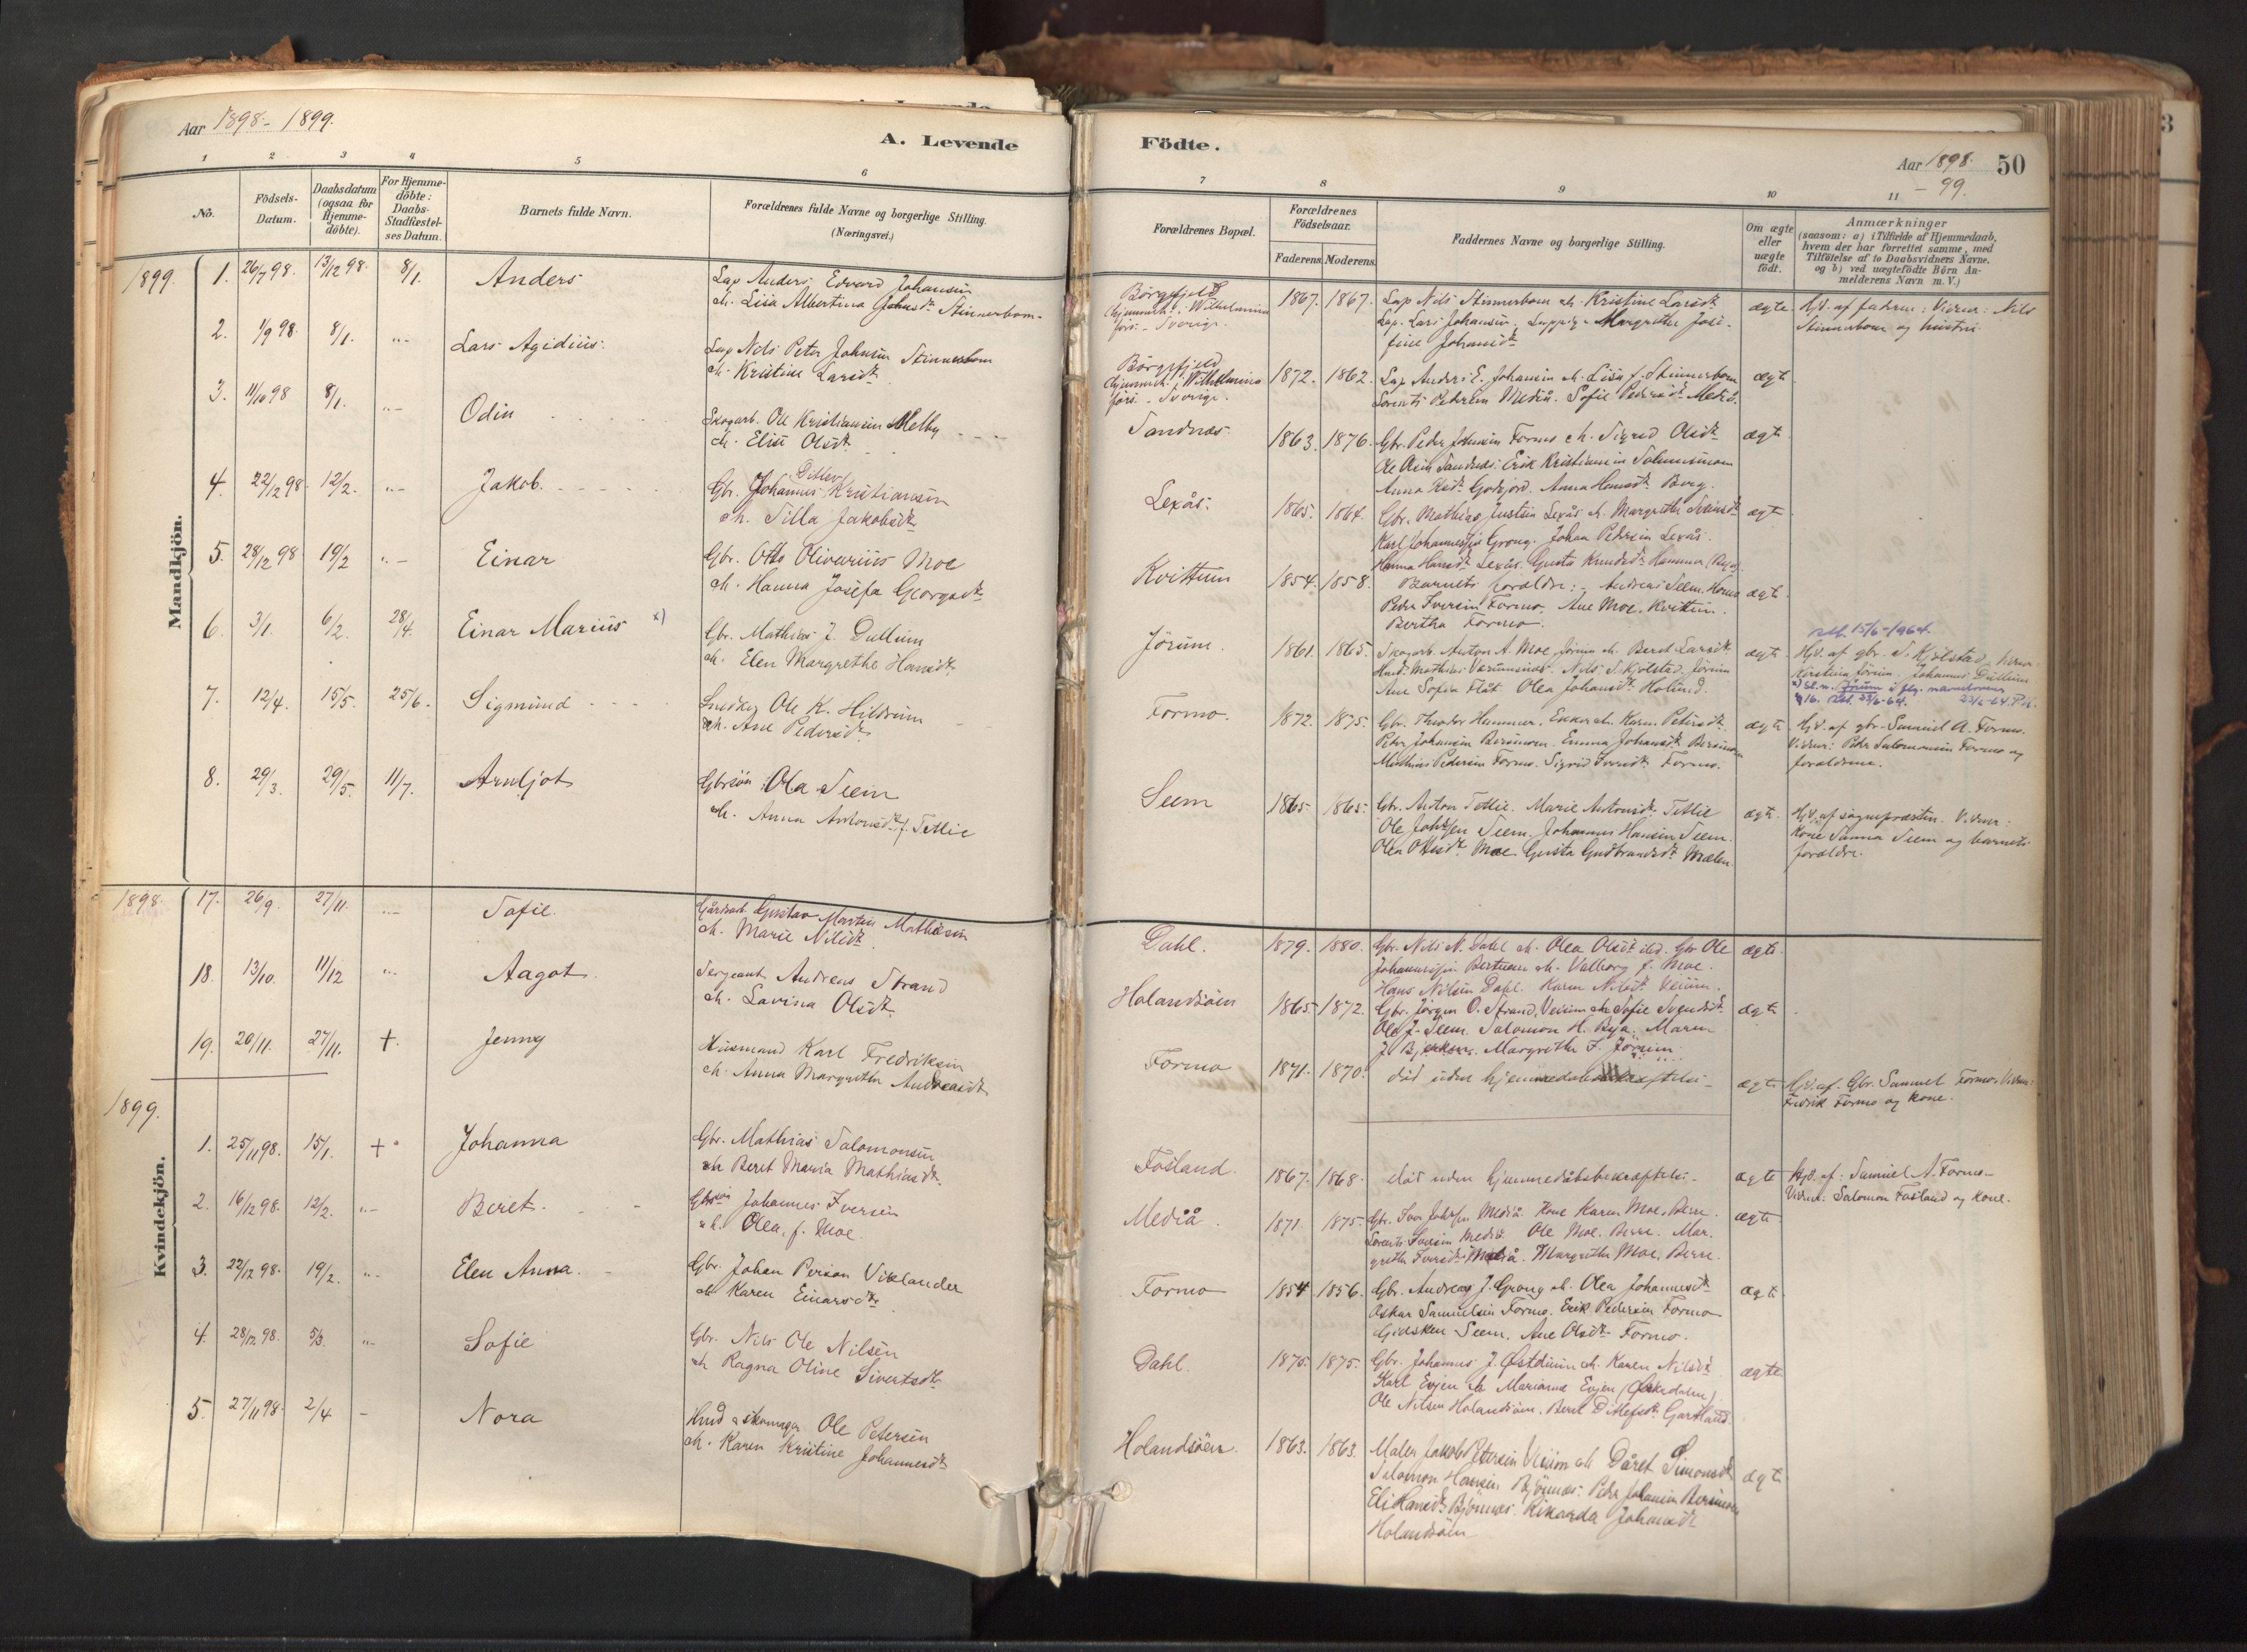 SAT, Ministerialprotokoller, klokkerbøker og fødselsregistre - Nord-Trøndelag, 758/L0519: Ministerialbok nr. 758A04, 1880-1926, s. 50